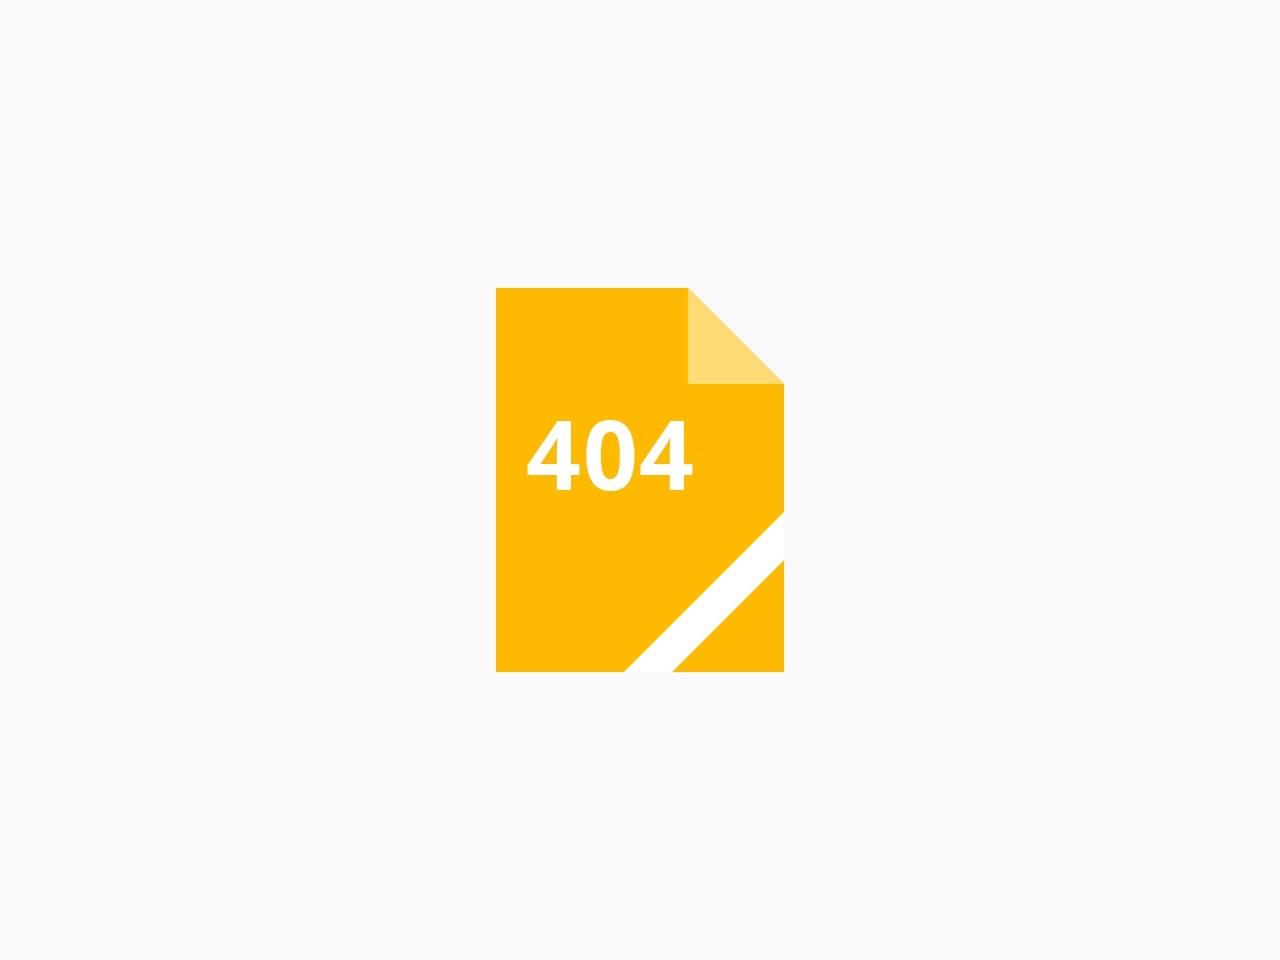 リサイクルマート飯塚嘉麻田川筑豊リサイクルショップ出張買取不用品回収受付